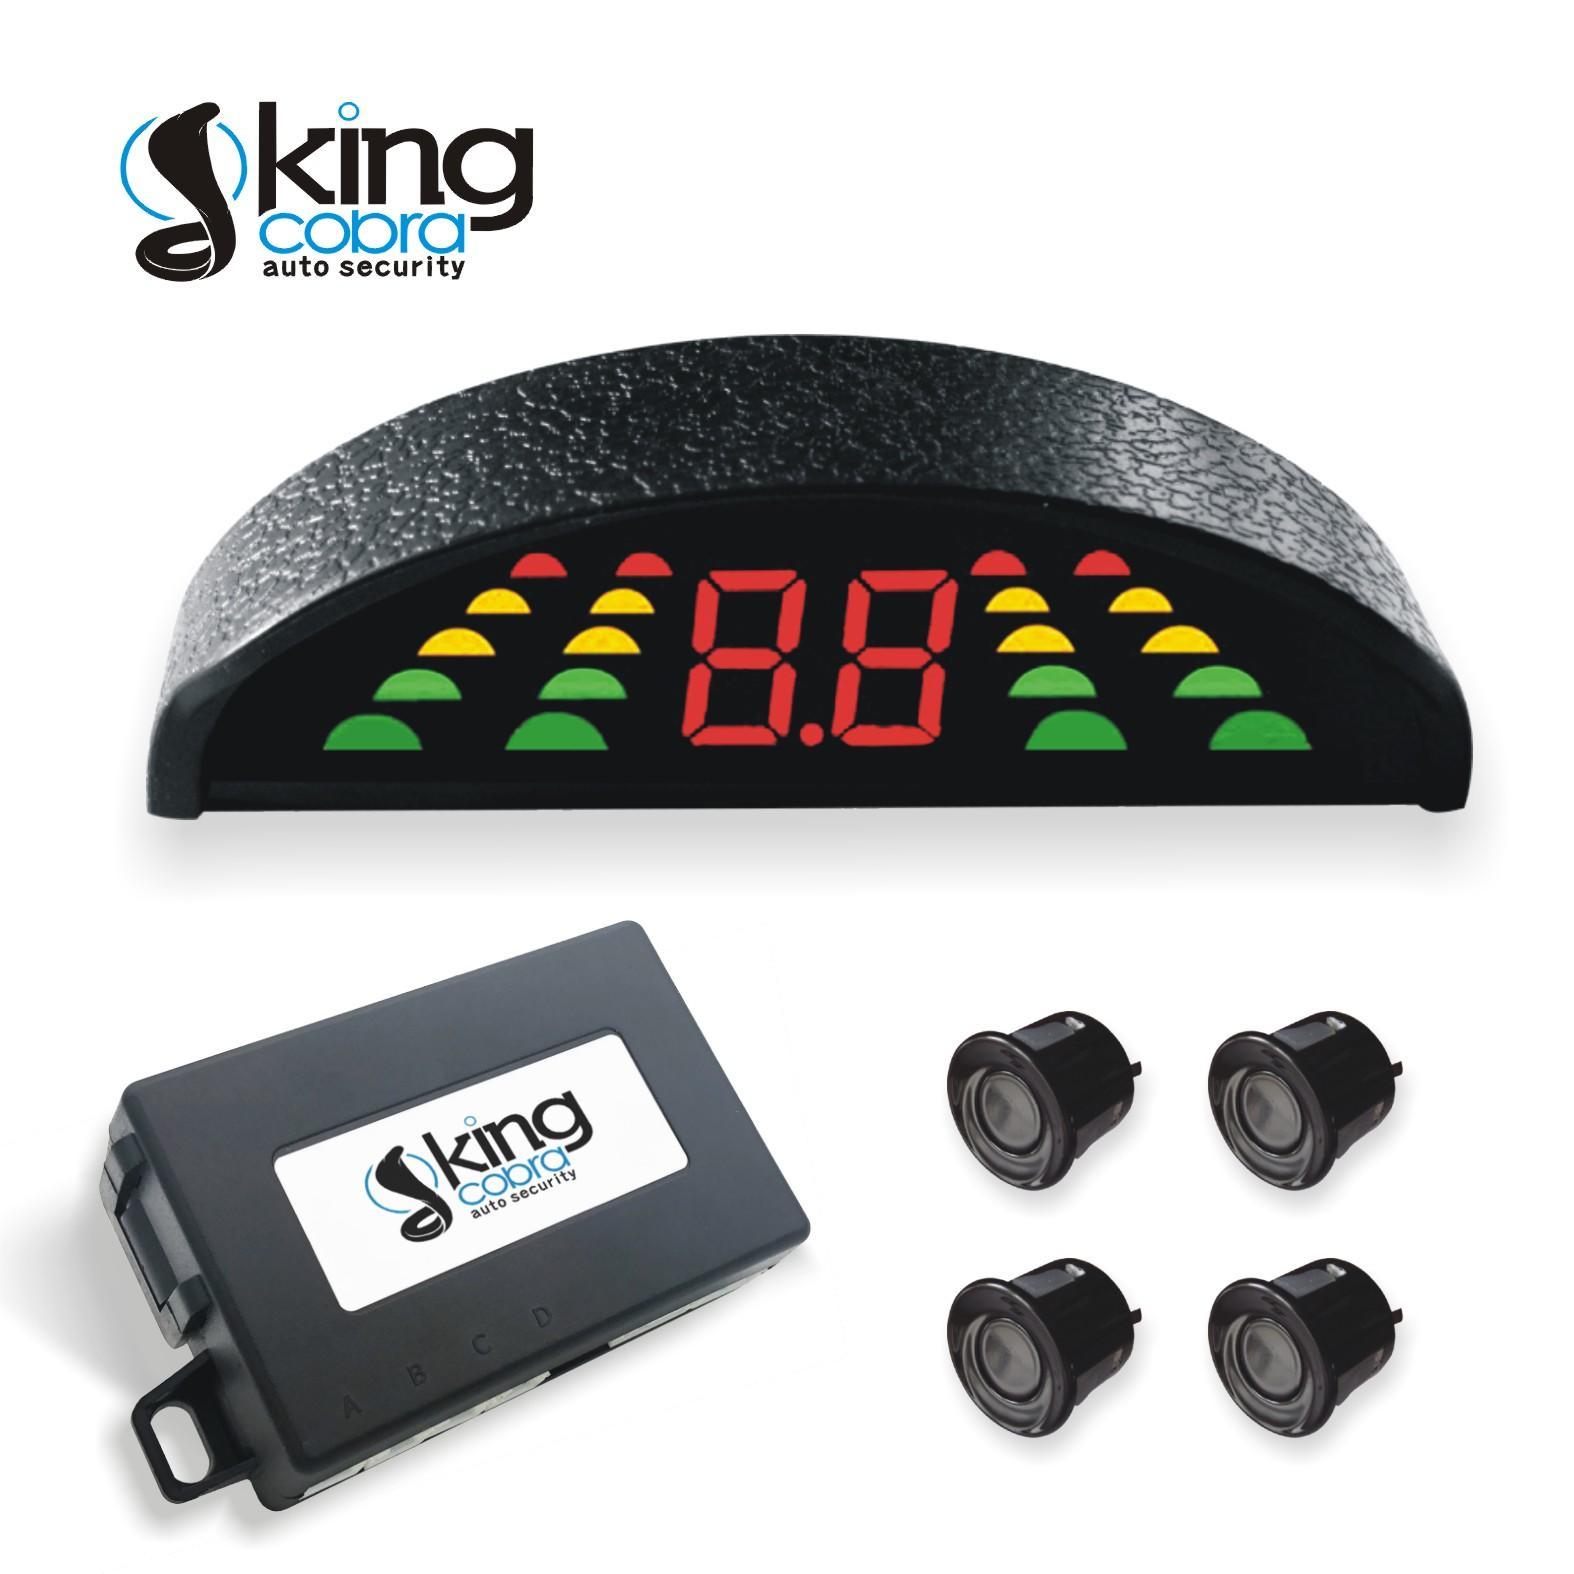 car parking sensor price parking assistant system for sale Kingcobra-1